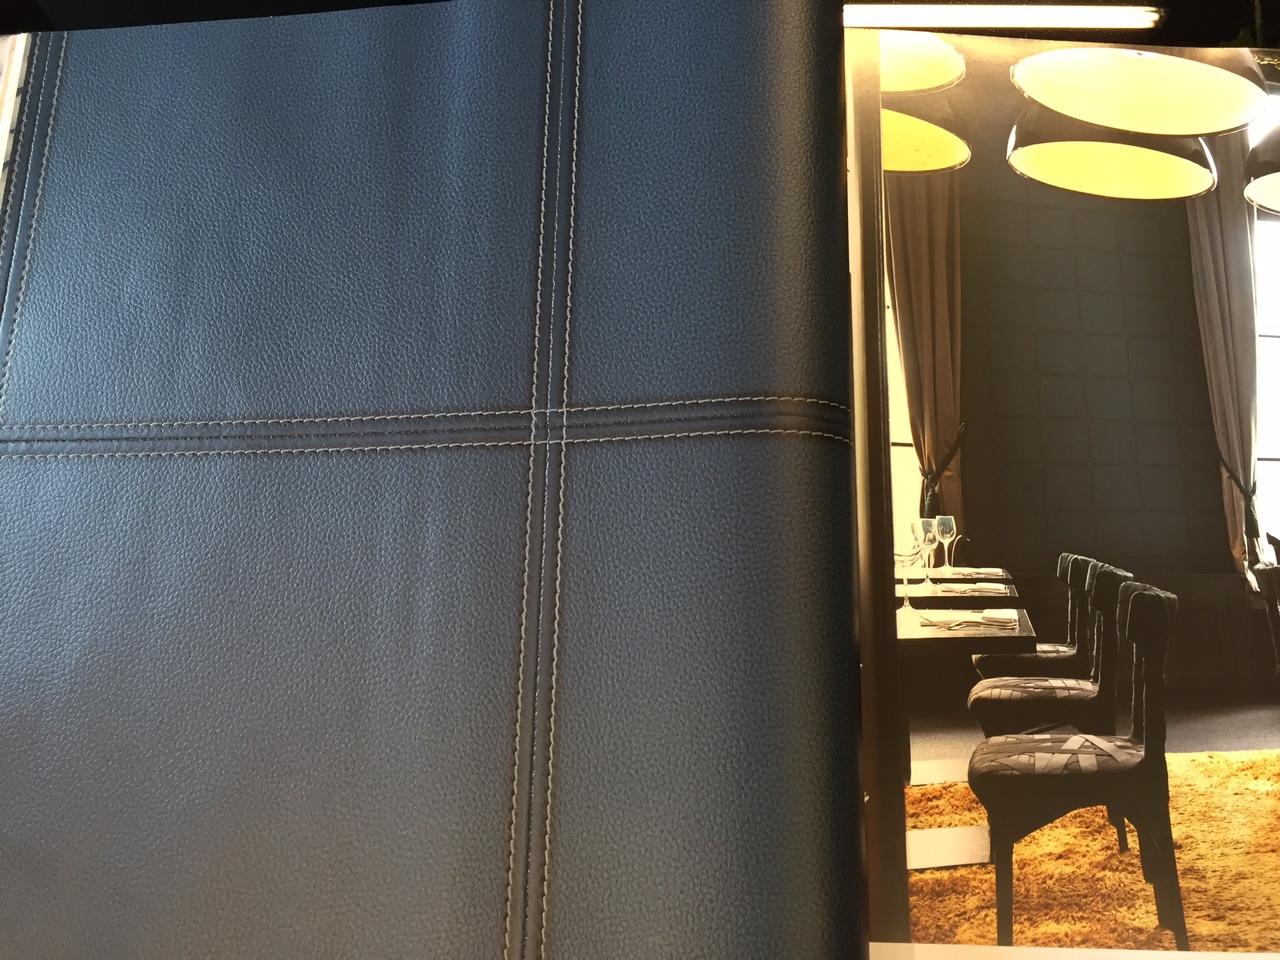 輸入壁紙rasch2017見本帳入荷 香川県宇多津 坂出 丸亀のカーテン